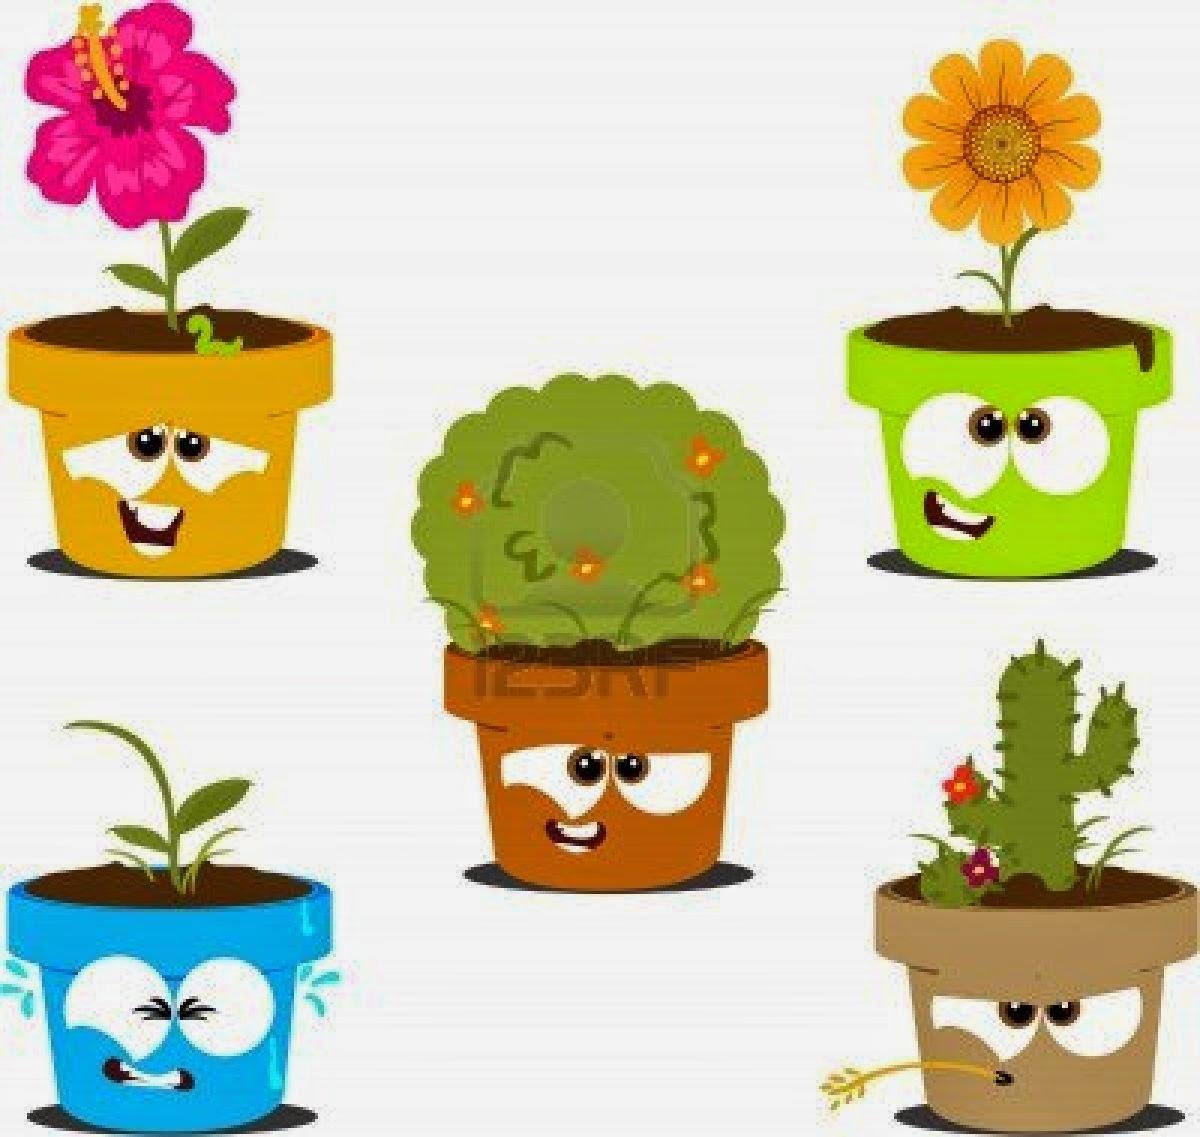 Biolog a y vida reino plantae for Todas las plantas ornamentales